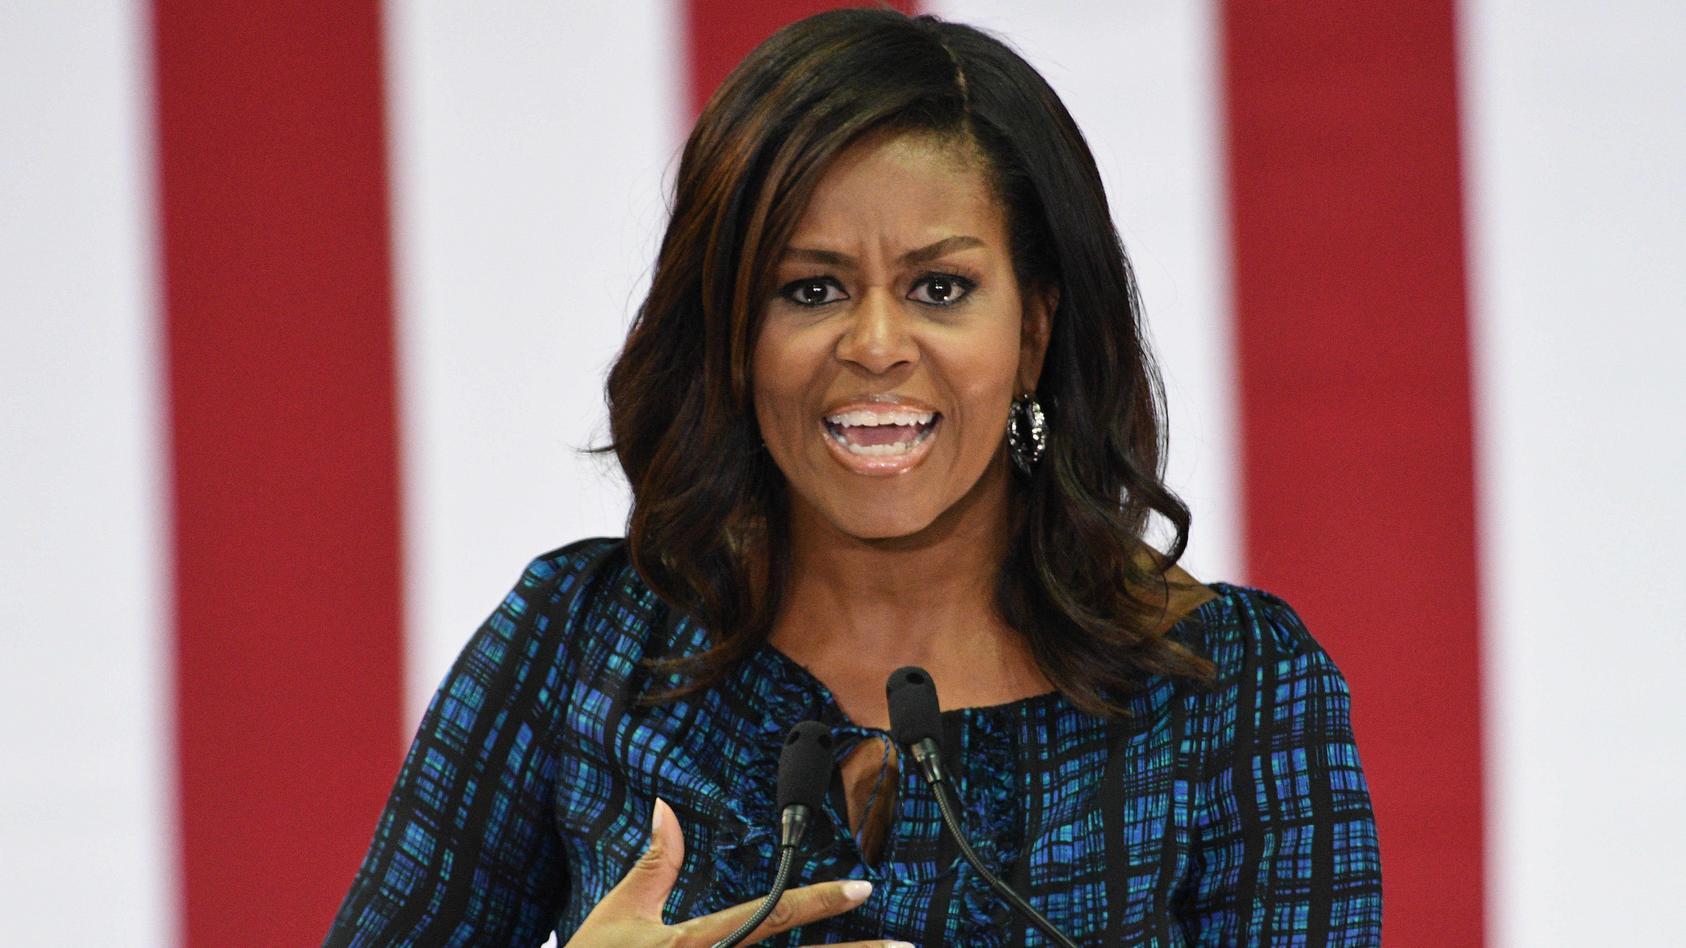 US-Präsidentschaftskandidat Joe Biden will die ehemalige First Lady, Michelle Obama angeblich als Vizekanzlerin